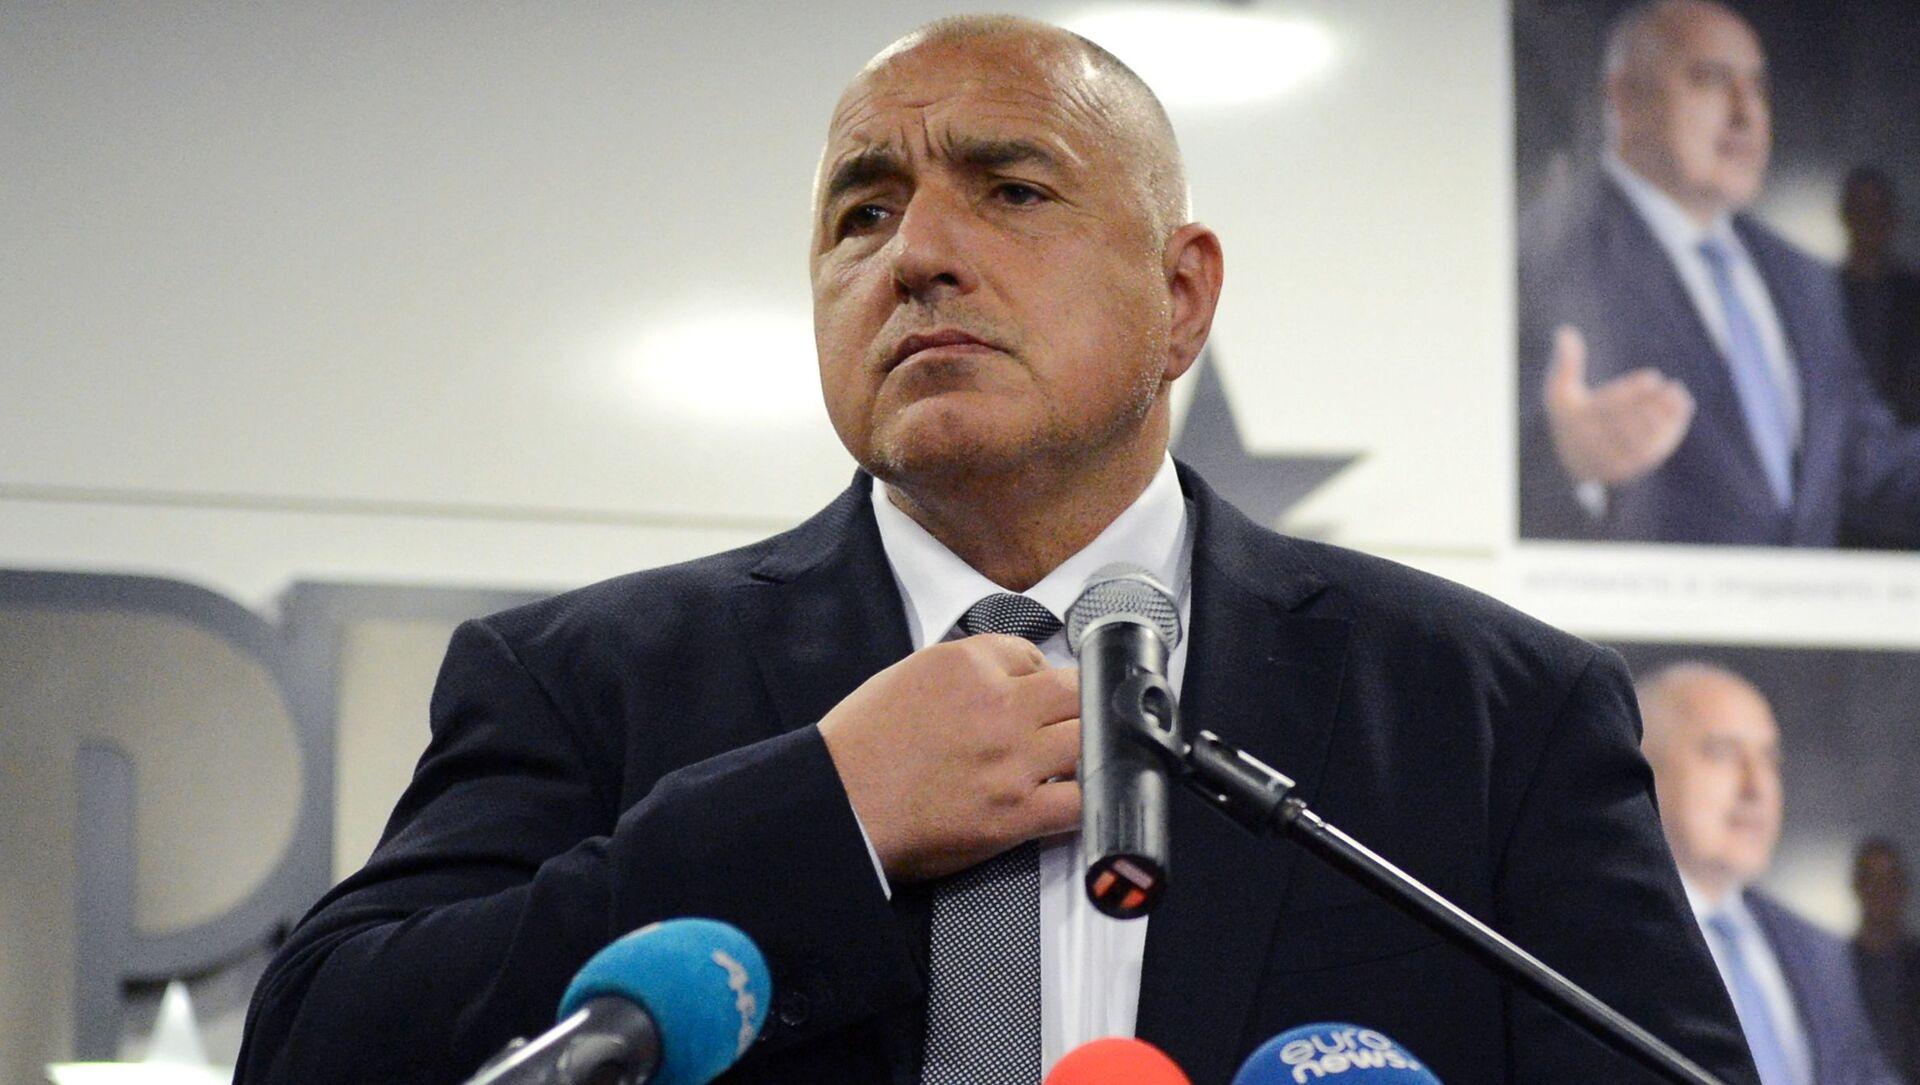 Il primo ministro bulgaro e leader del partito Cittadini per lo Sviluppo Europeo della Bulgaria, Bojko Borisov - Sputnik Italia, 1920, 04.04.2021